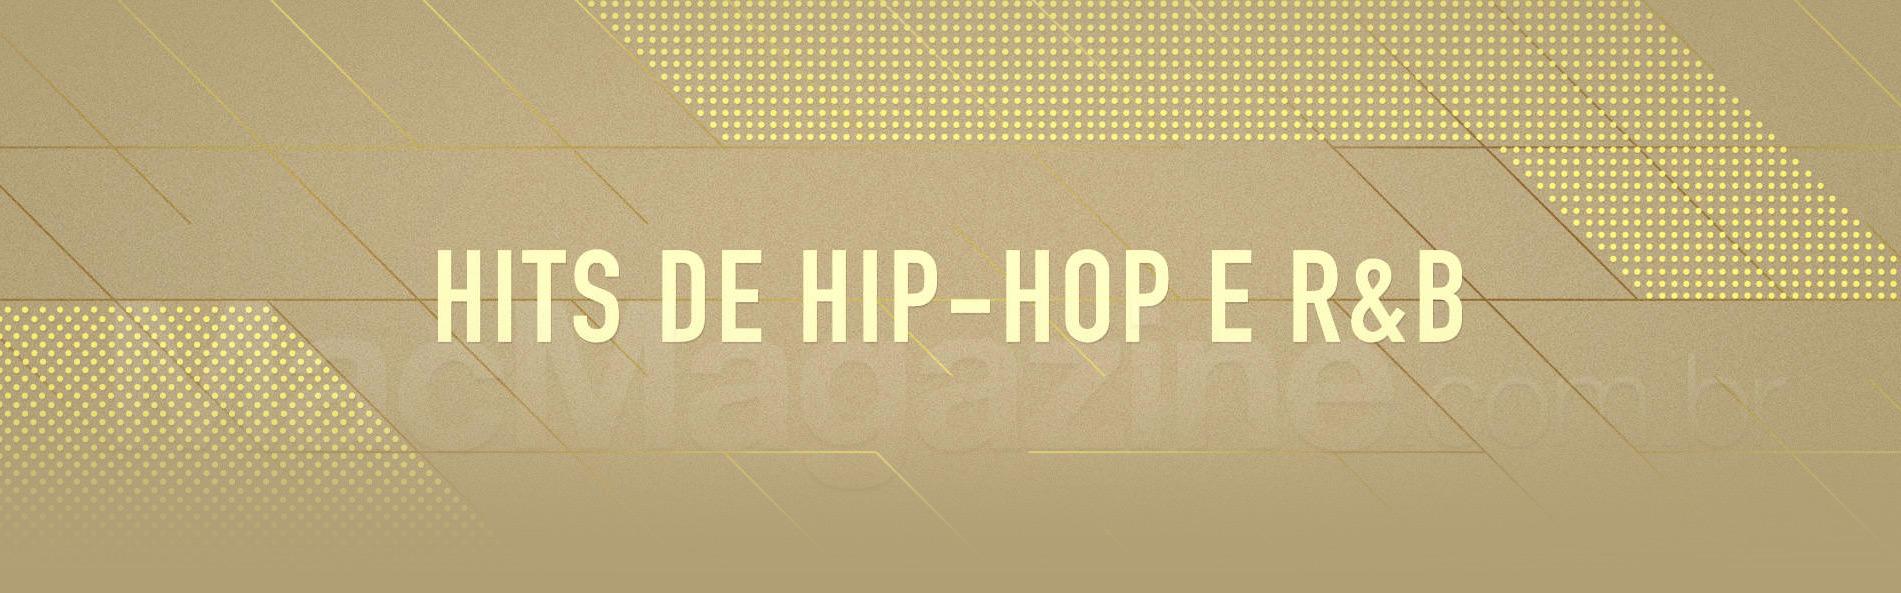 Hits de Hip-Hop e R&B